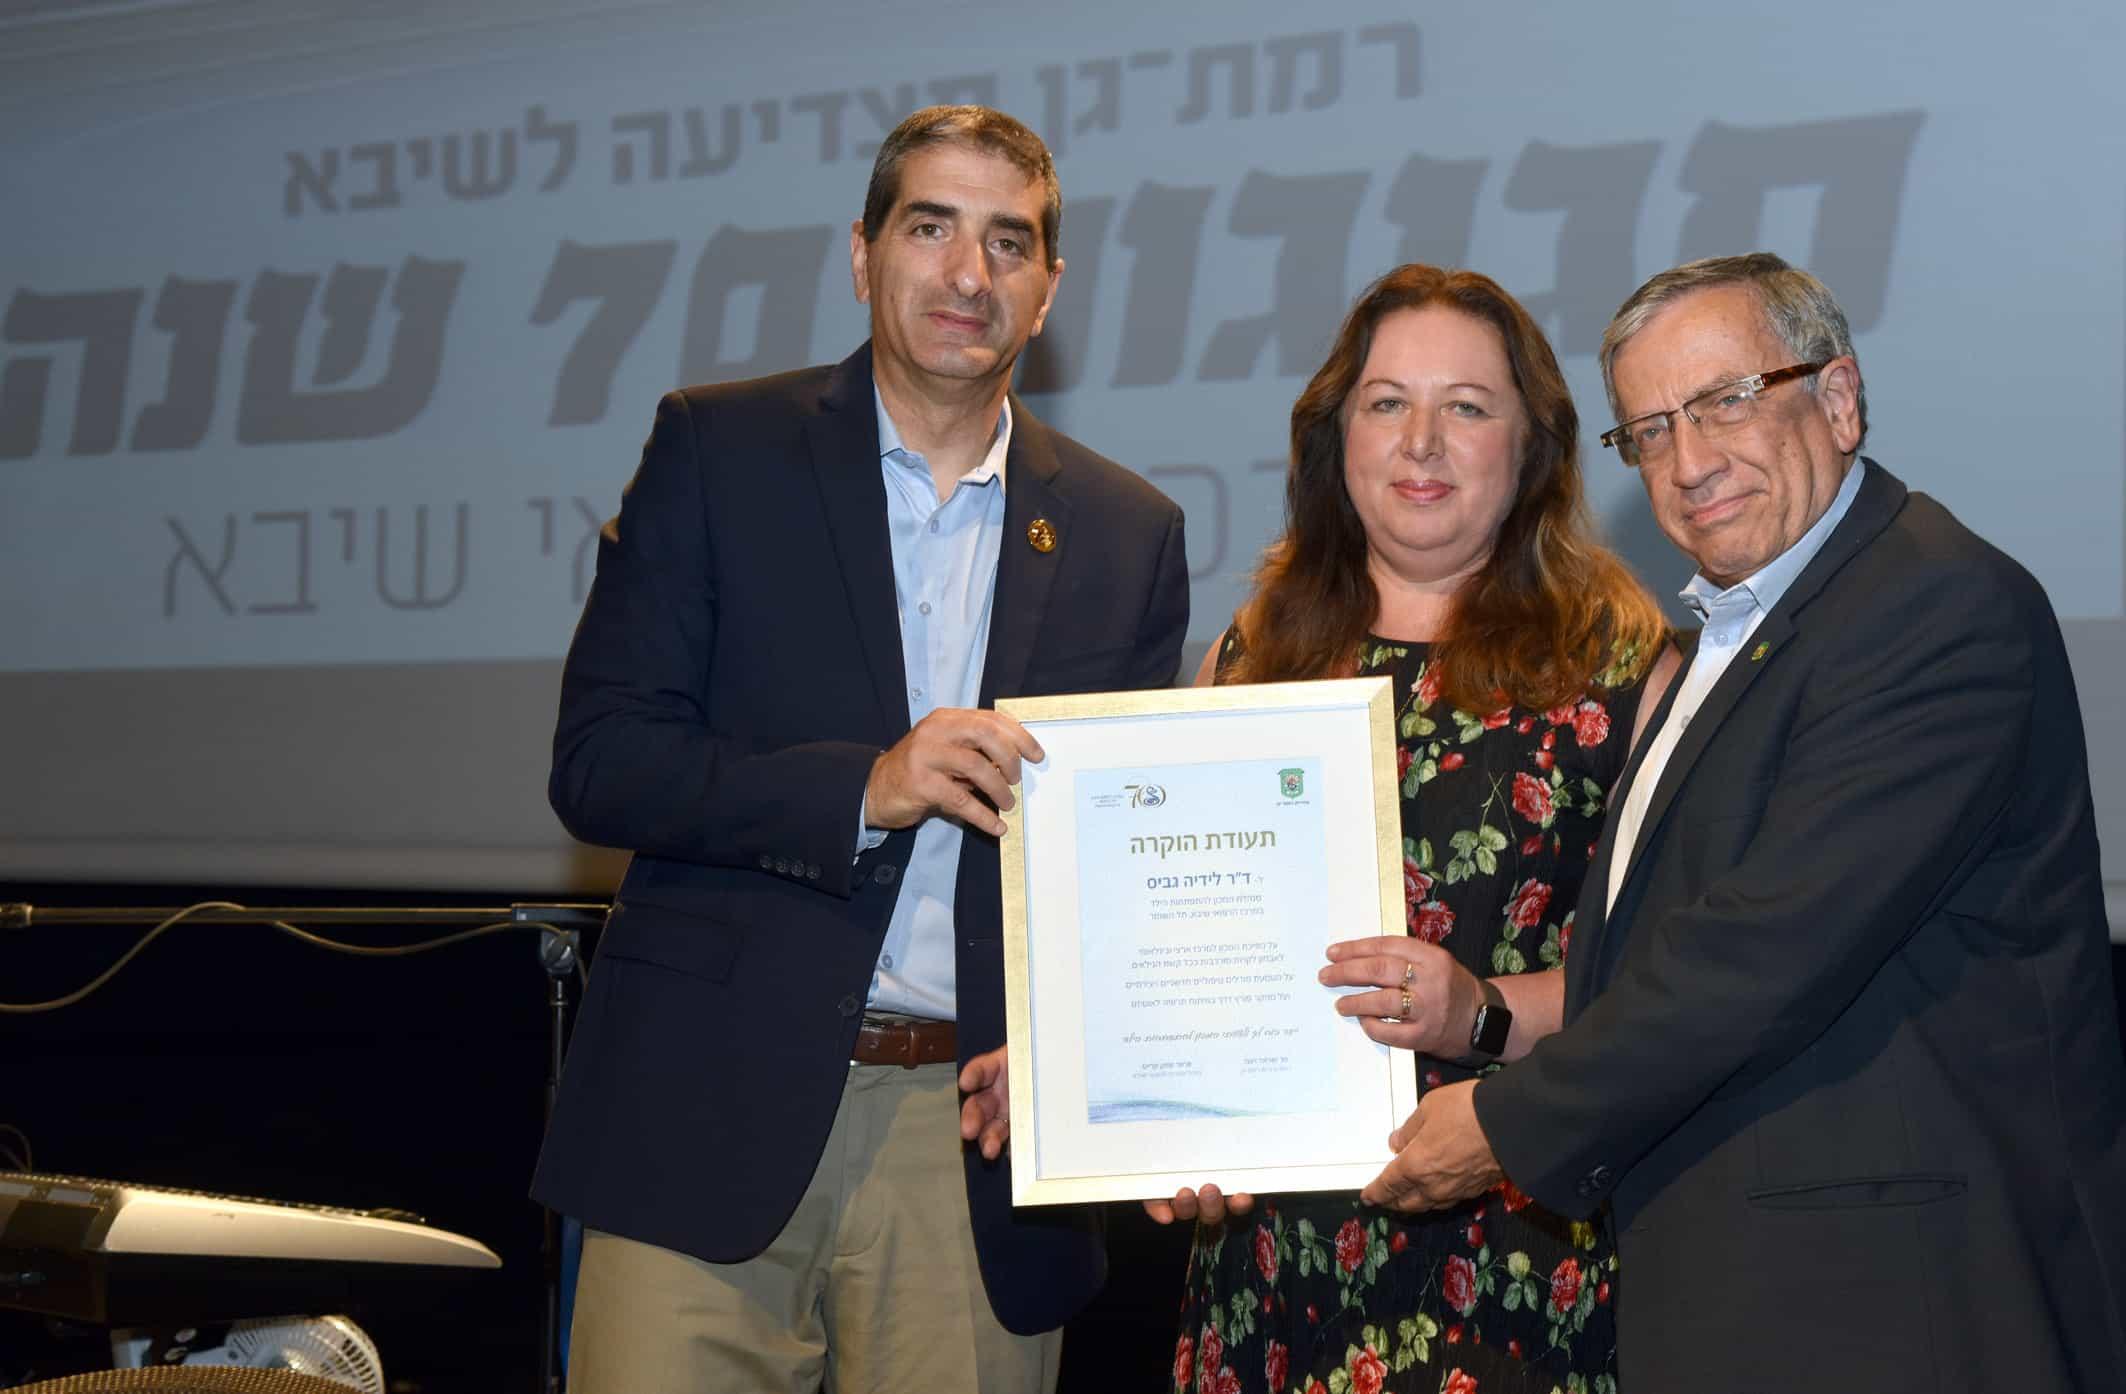 ישראל זינגר עם פרופסור יצחק קרייס וד